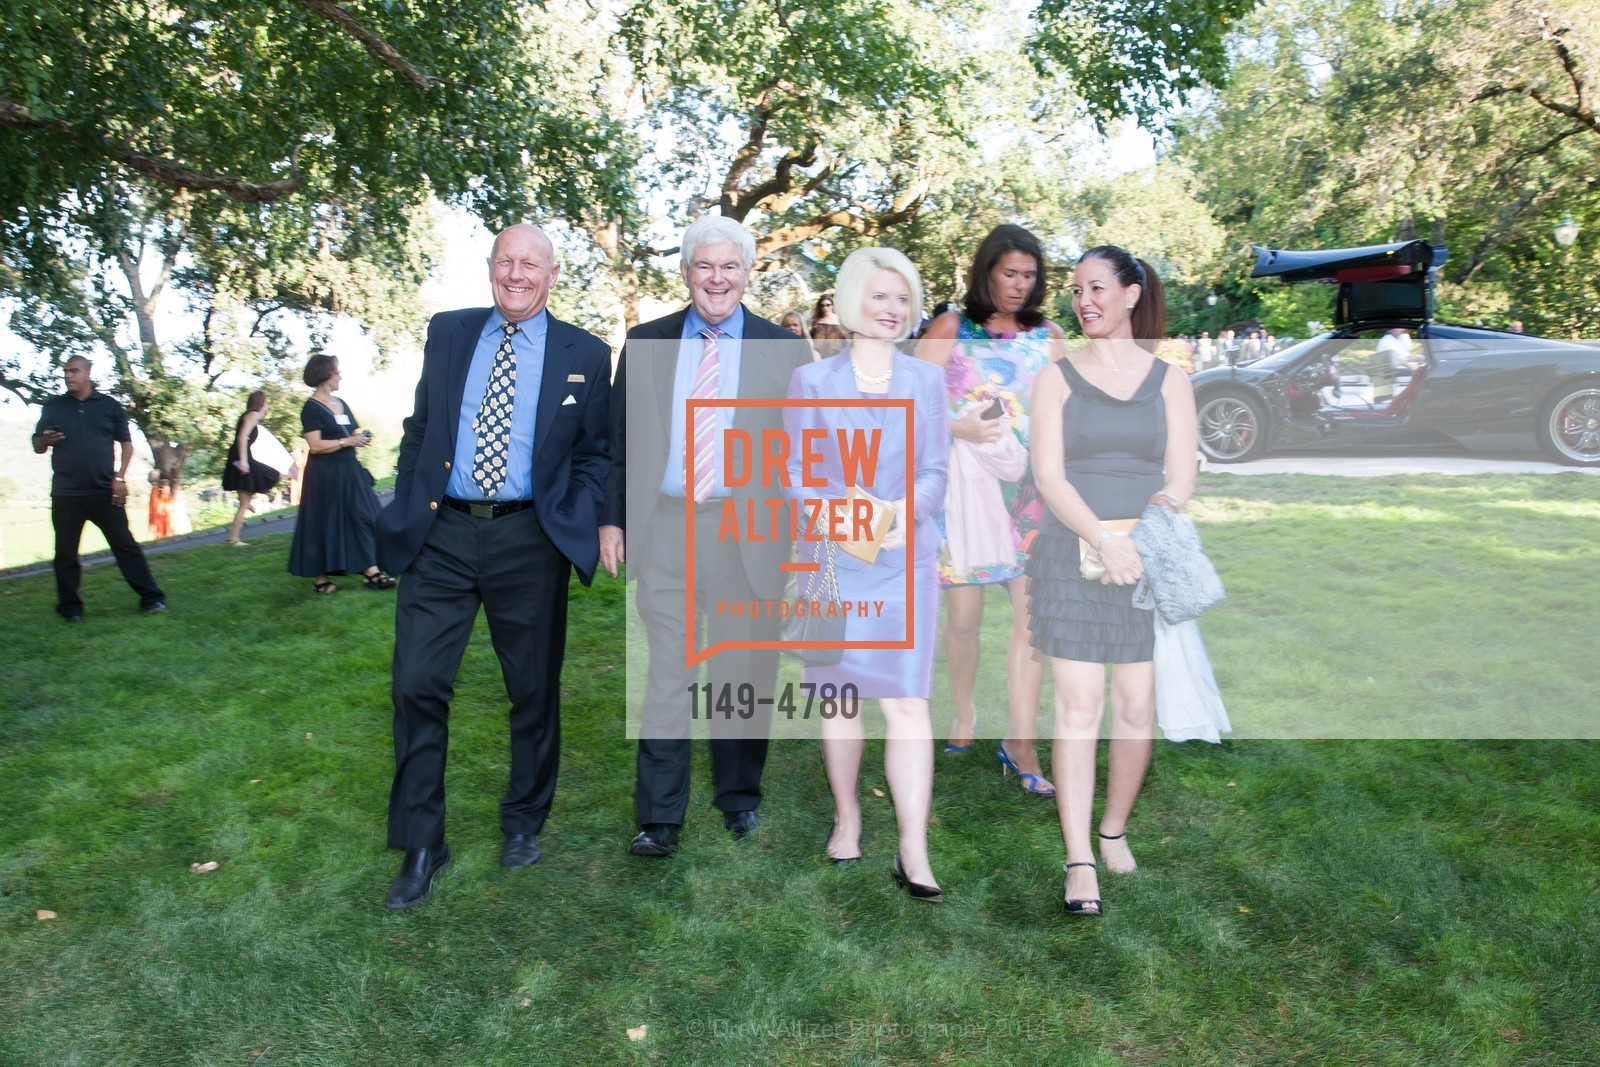 Newt Gingrich, Callista Gingrich, Photo #1149-4780